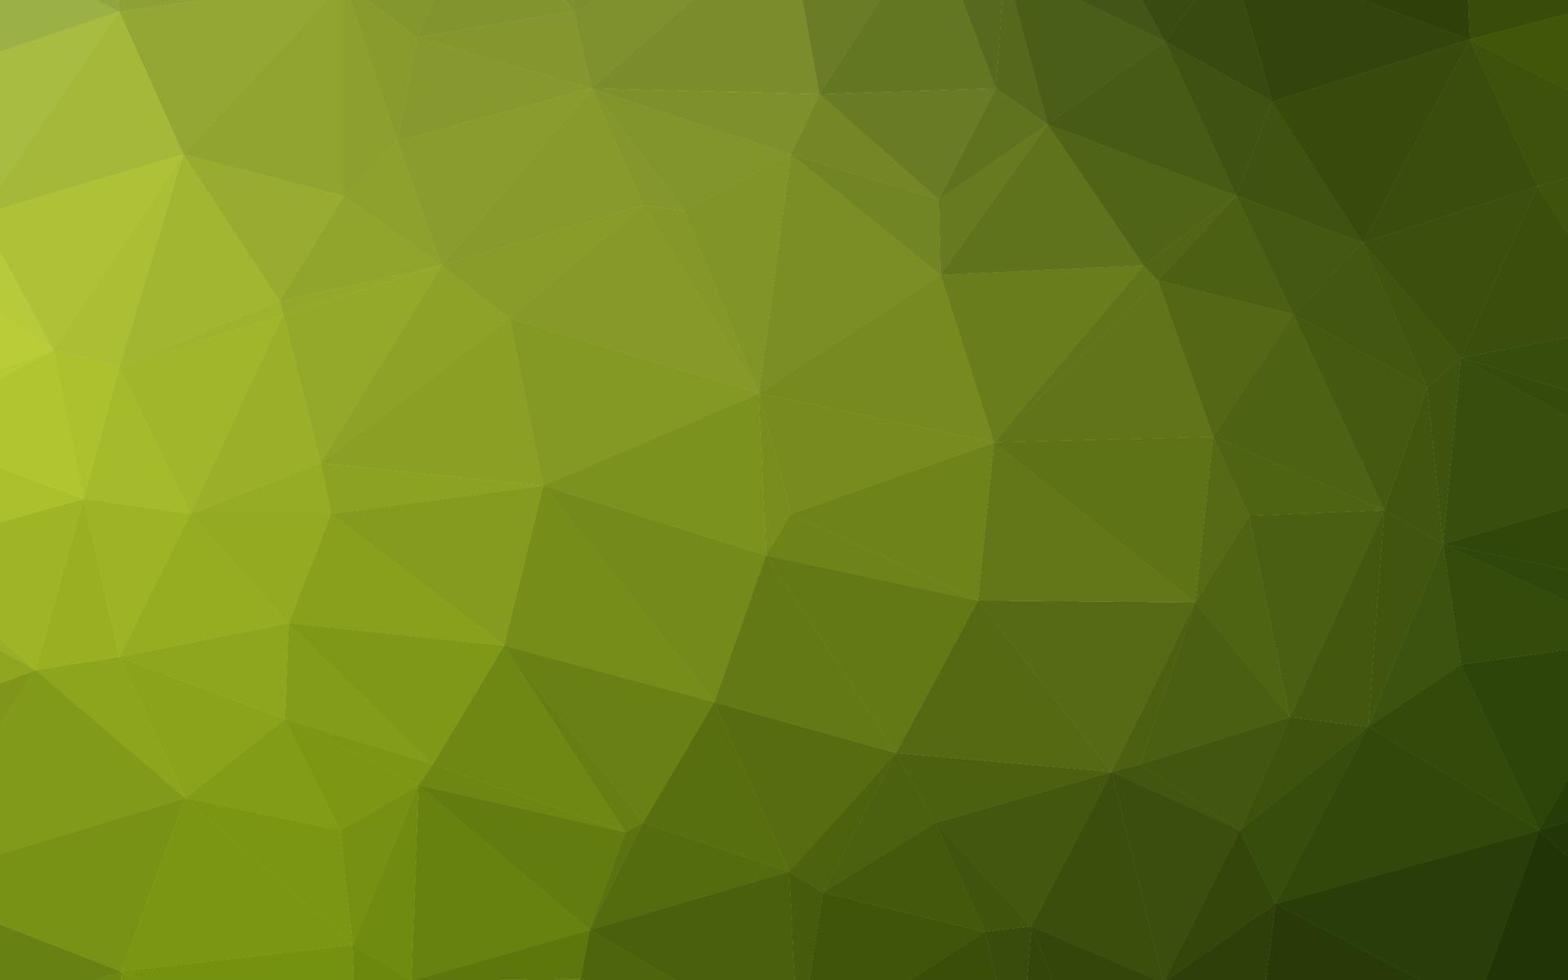 luz verde, amarelo abstrato do polígono do vetor. vetor